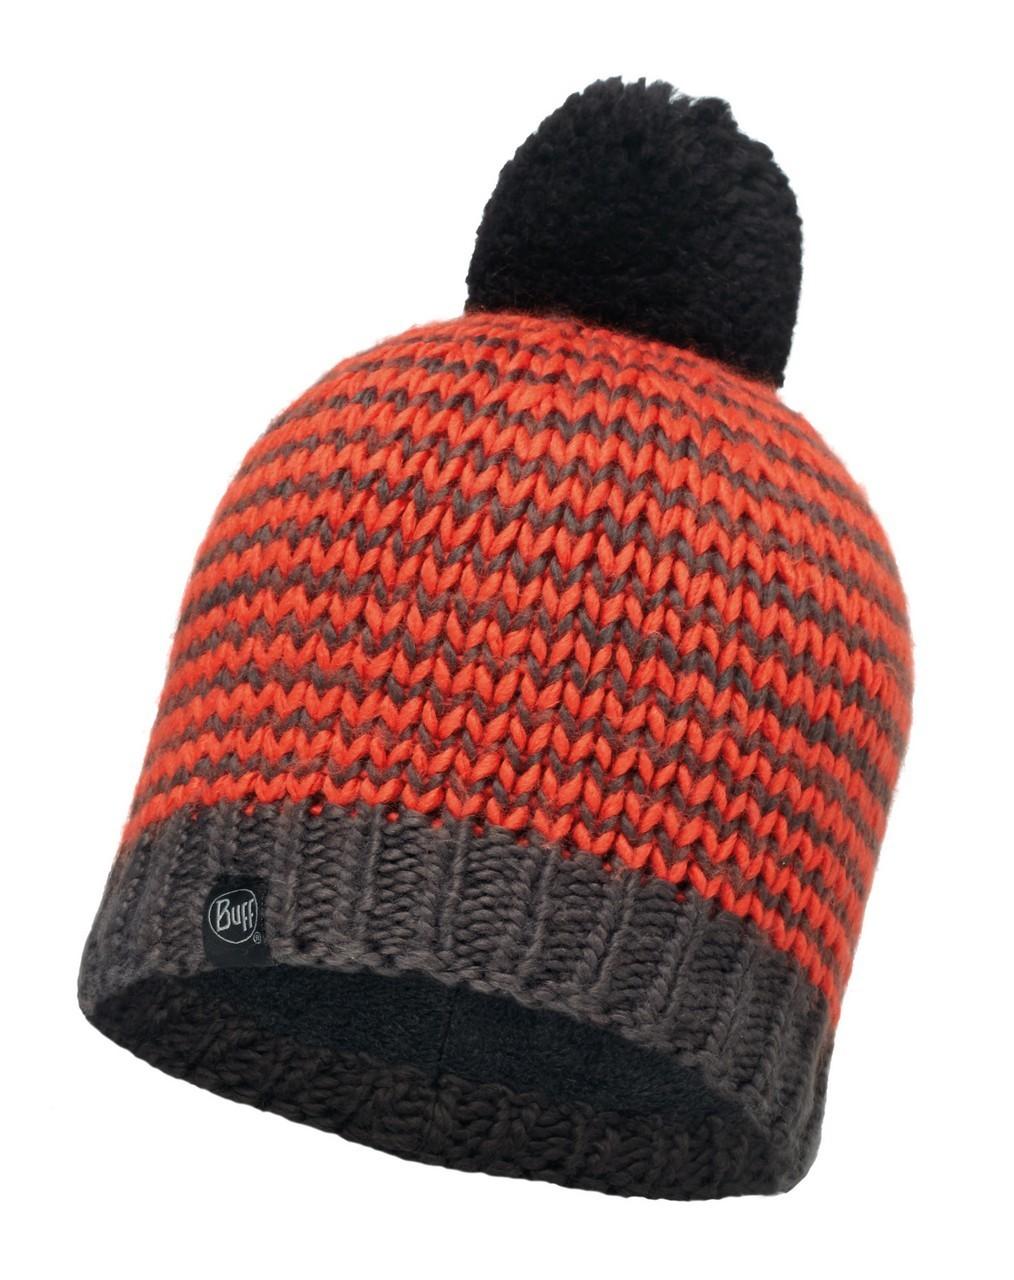 Шапки крупной вязки Вязаная шапка с флисовой подкладкой Buff Dorn Flame 113584.203.10.00.jpg